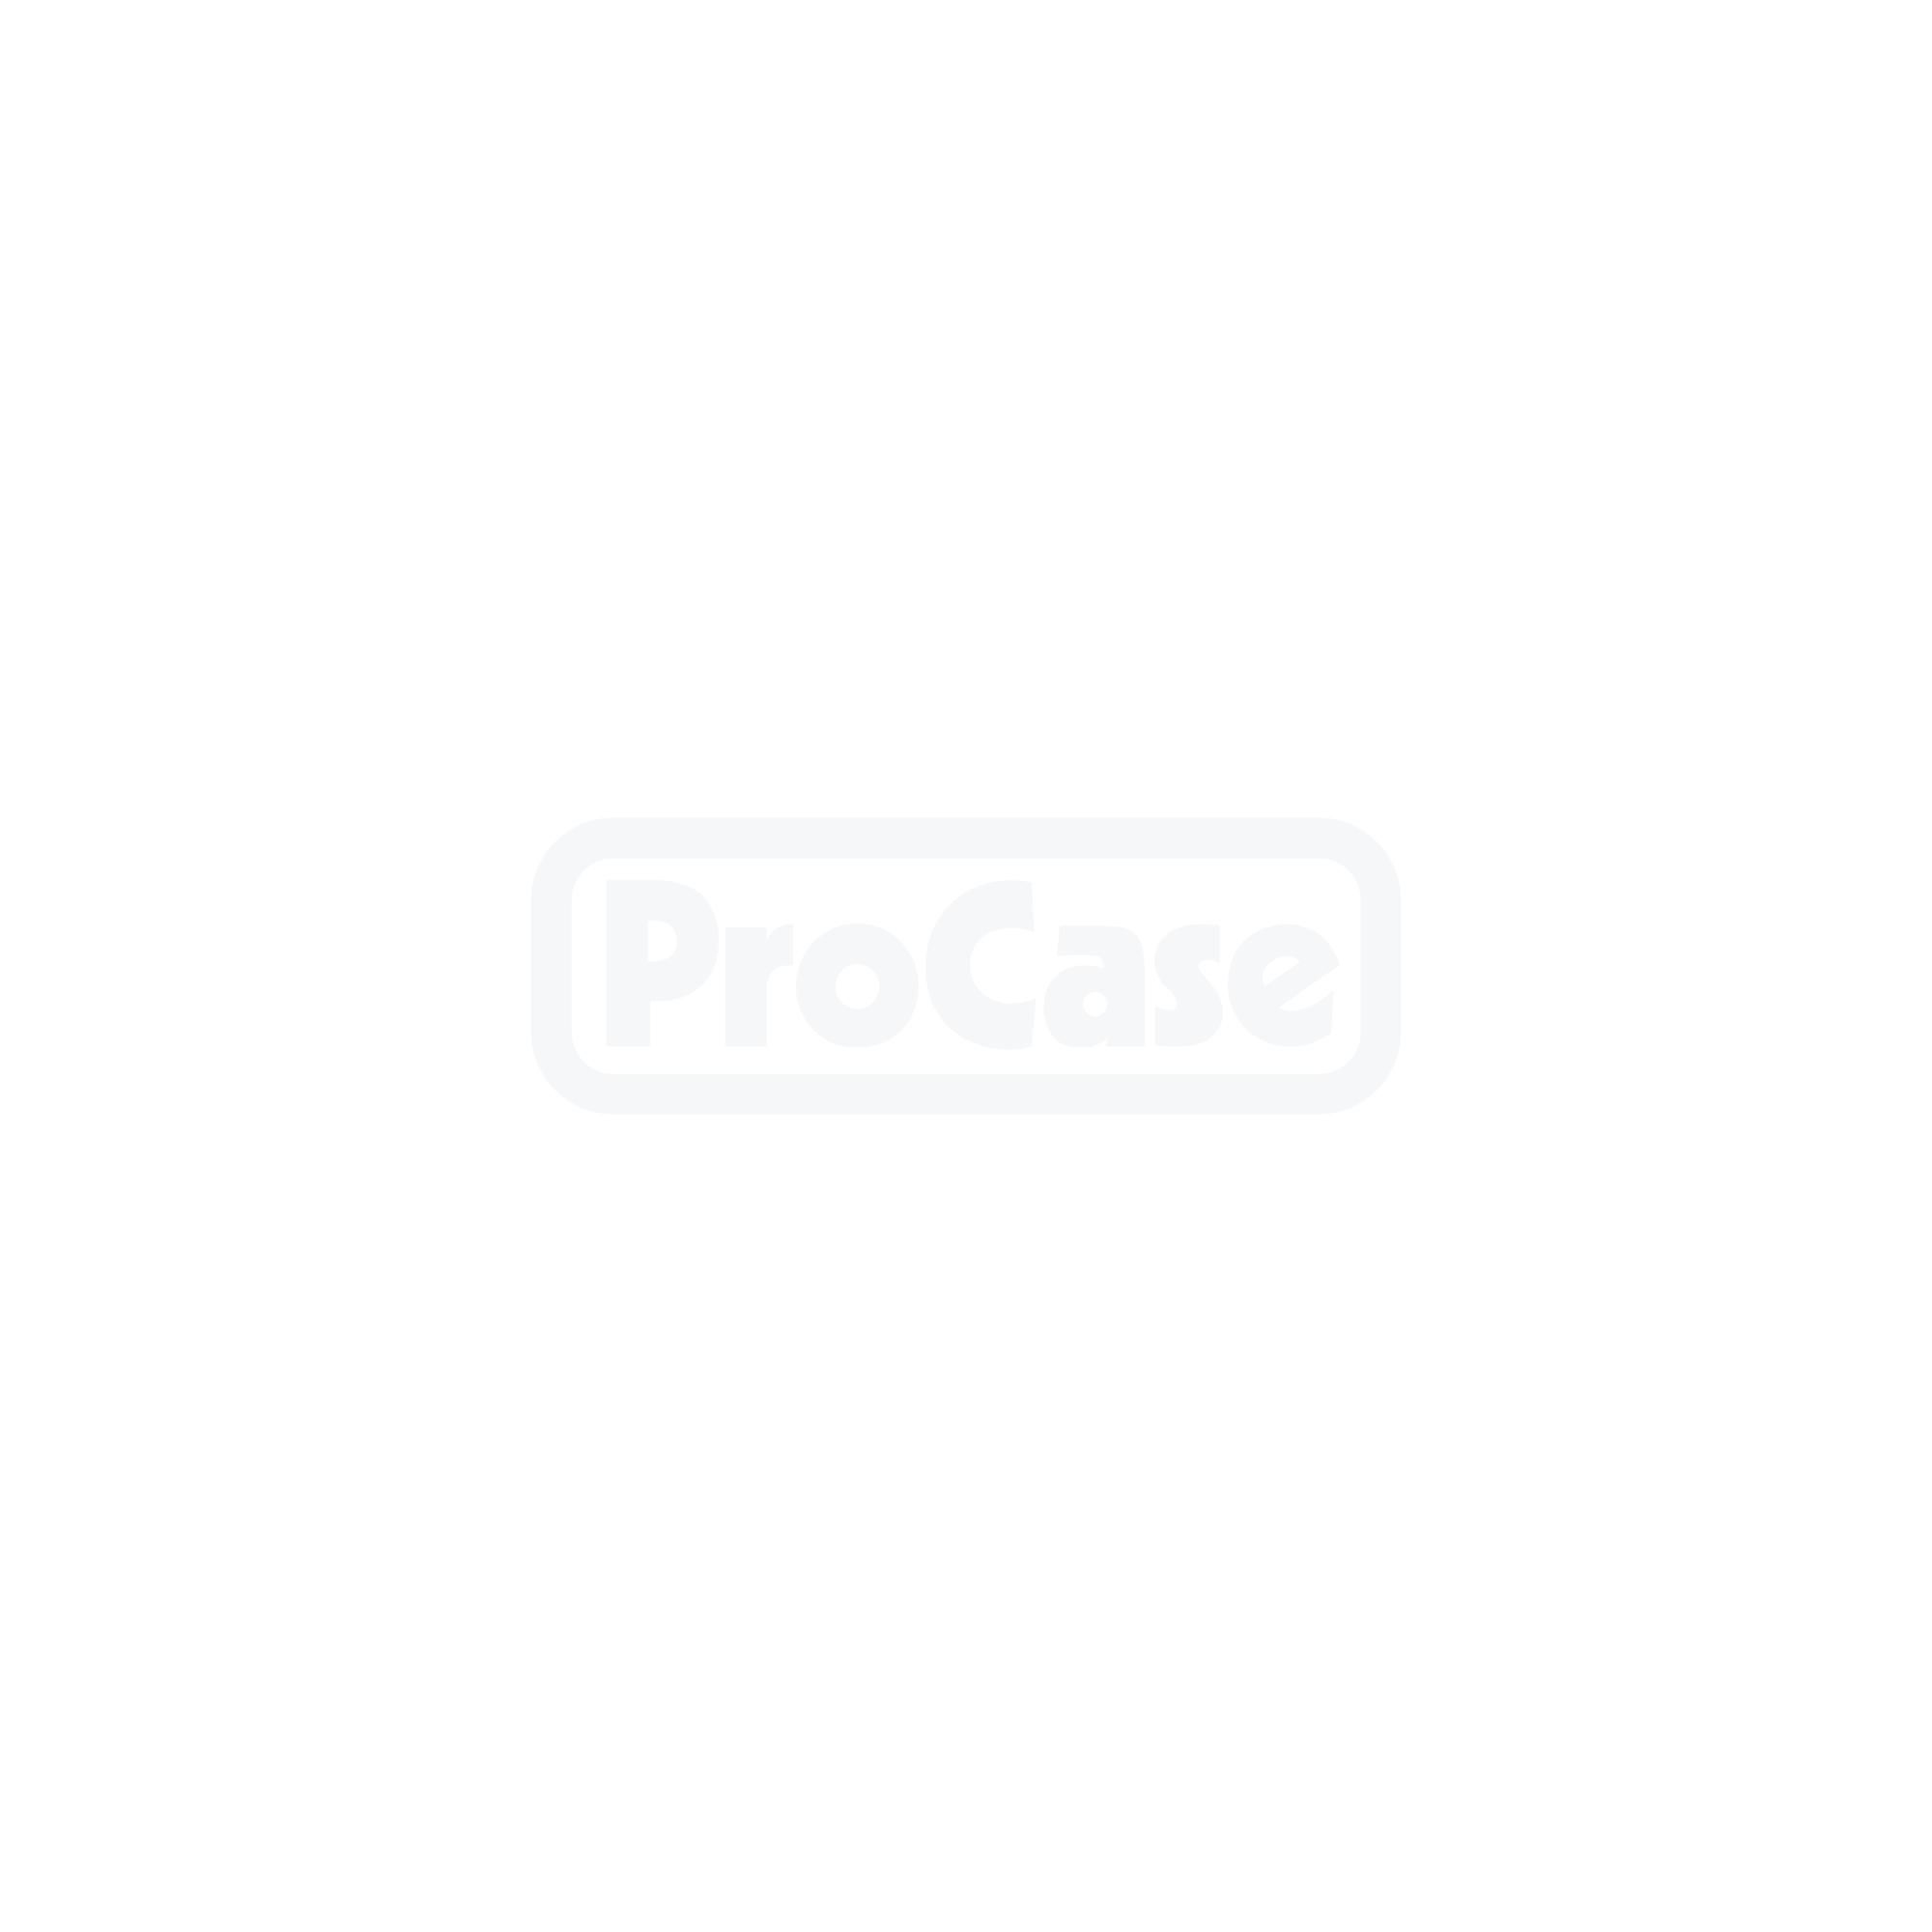 QSD-Rack 8HE 800 mm tief